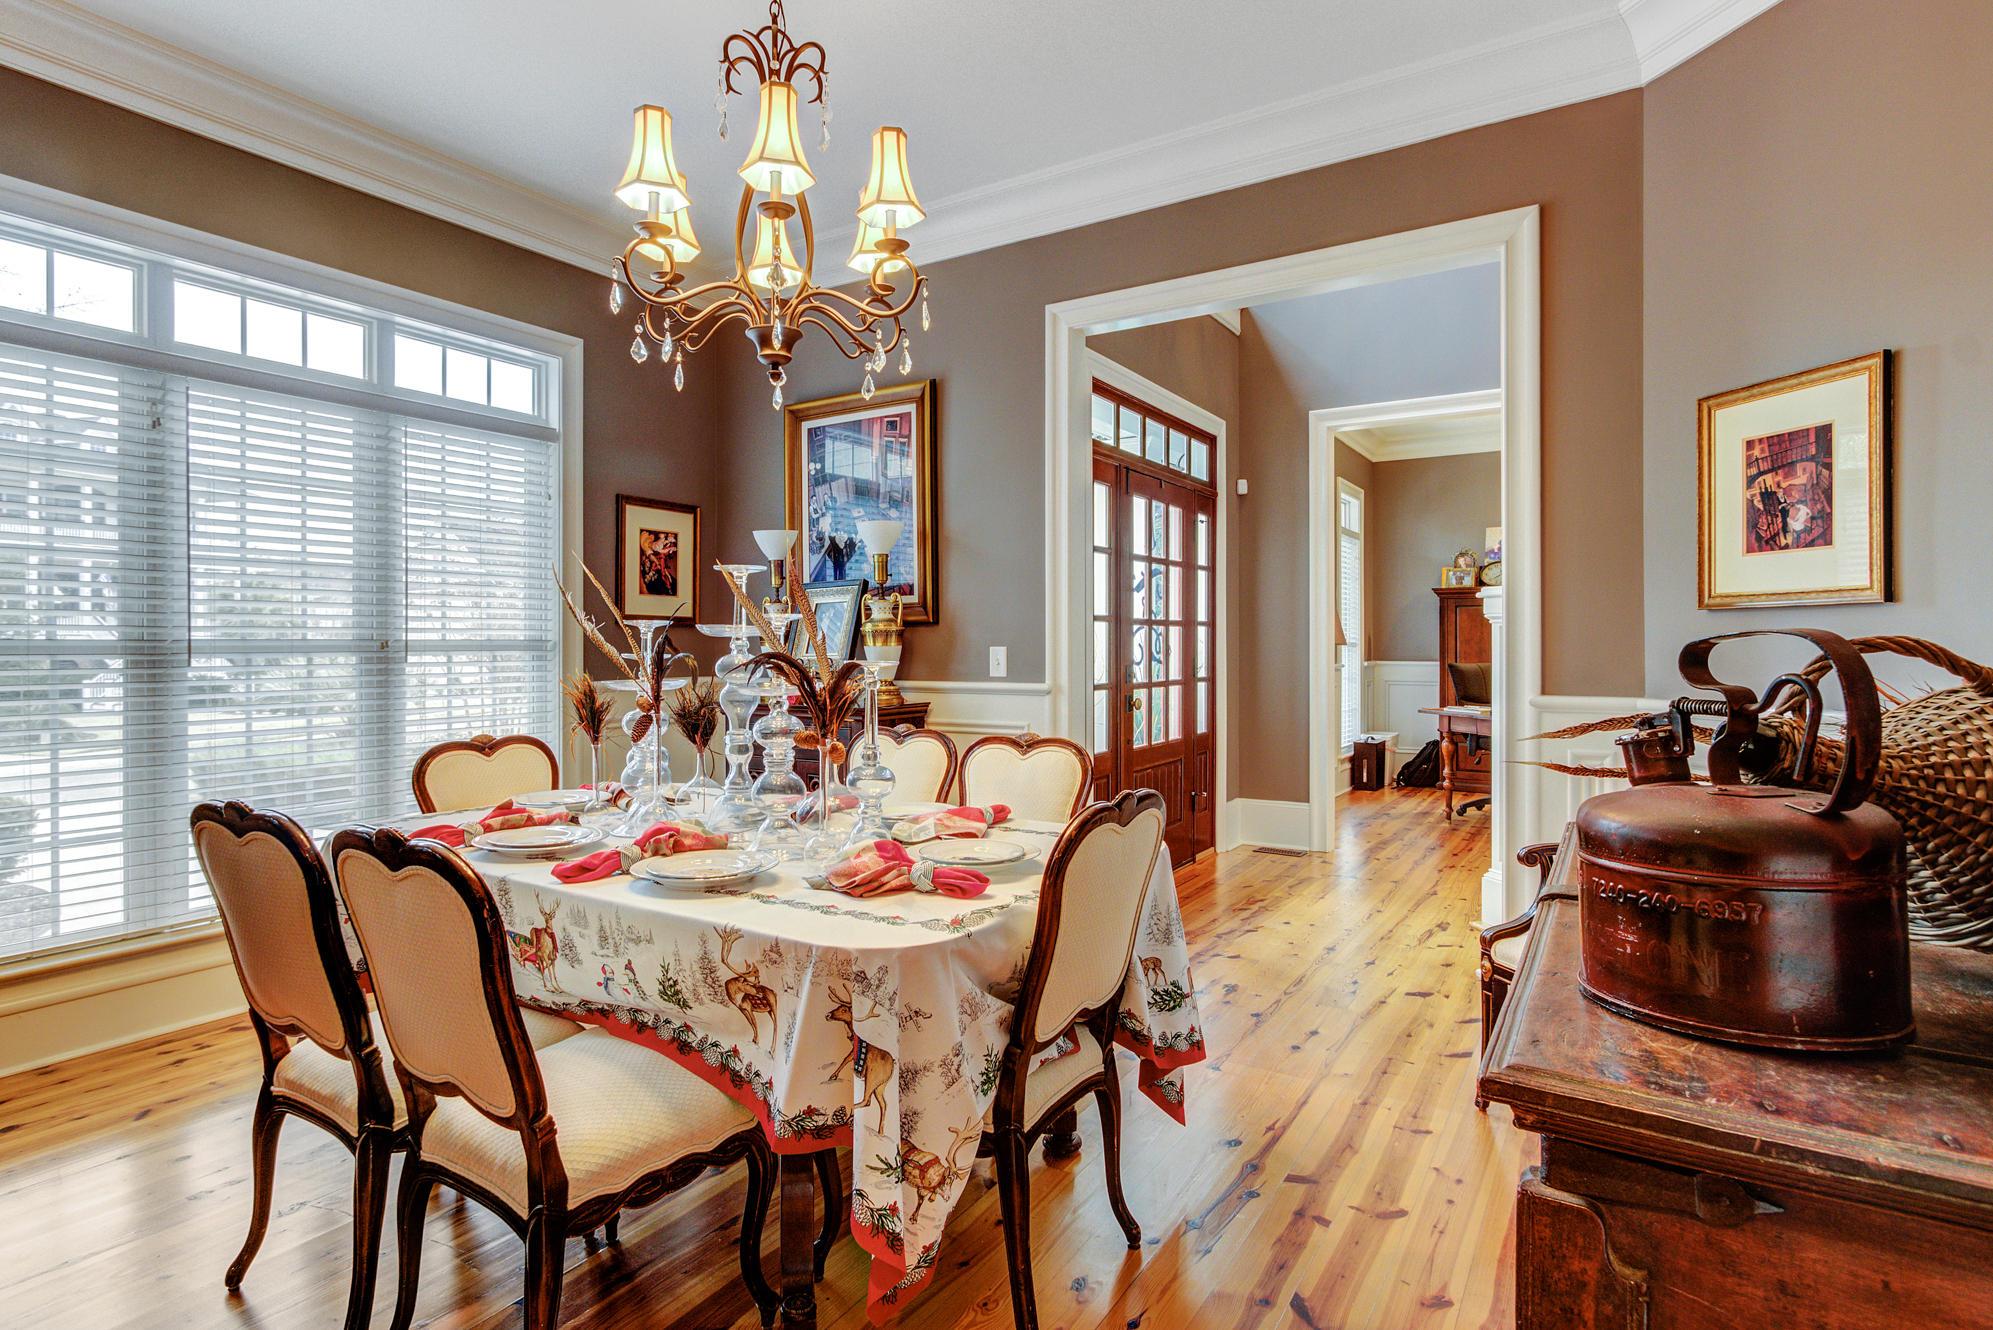 Park West Homes For Sale - 1527 Capel, Mount Pleasant, SC - 1